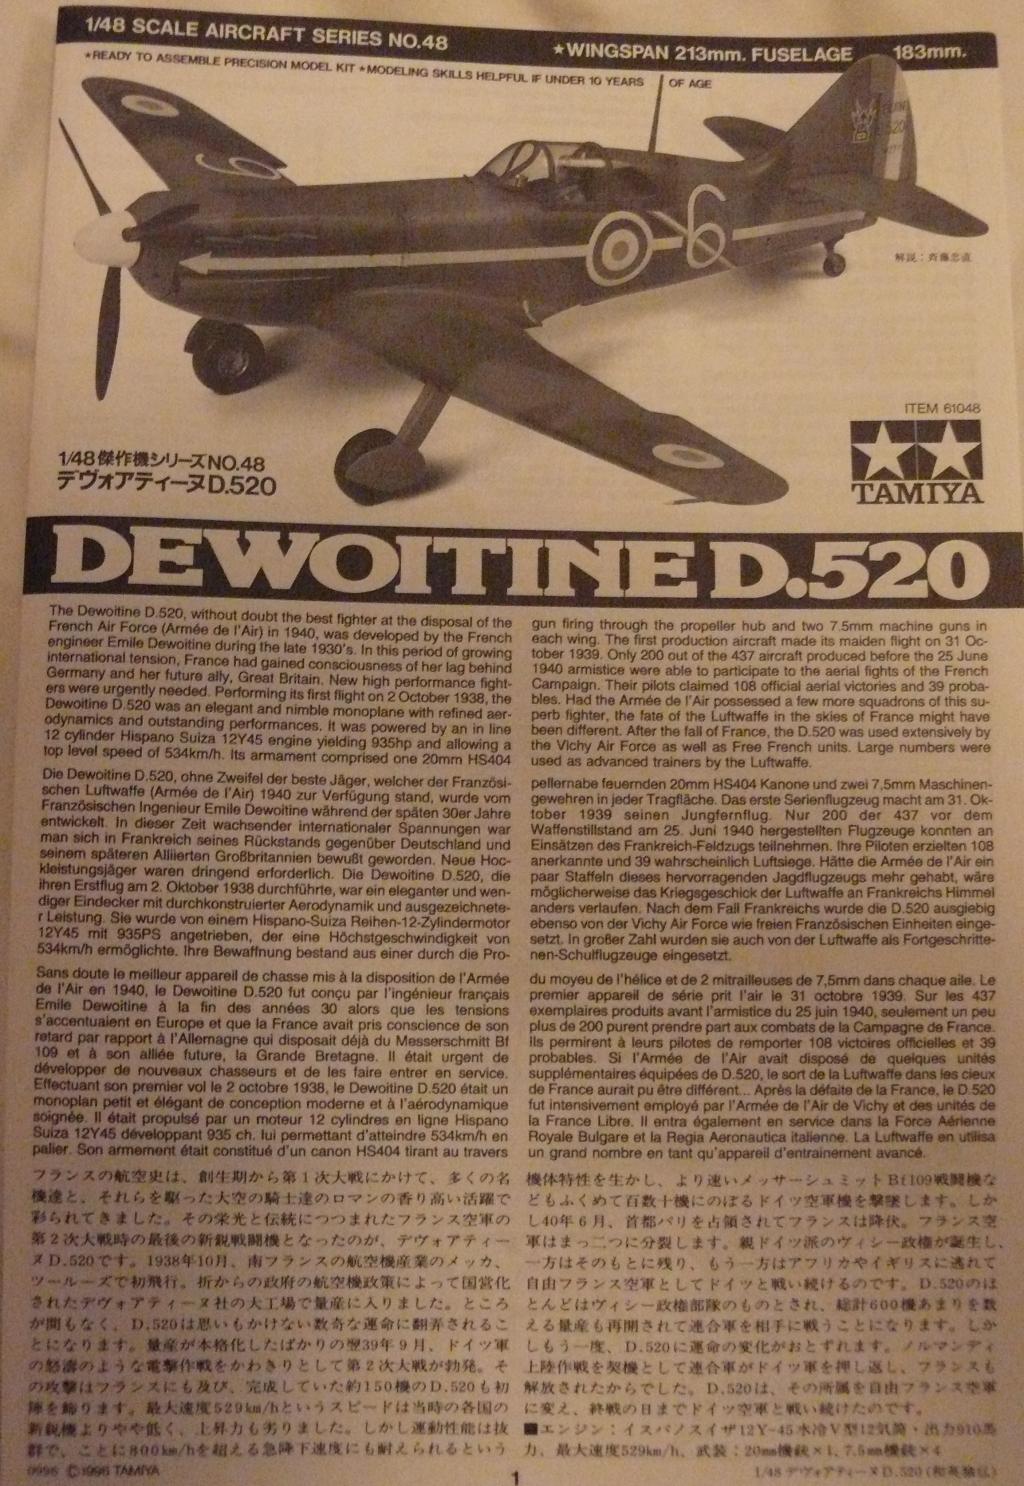 Dewoitine D.520 édition spéciale 1/48 Tamiya 911337D52003